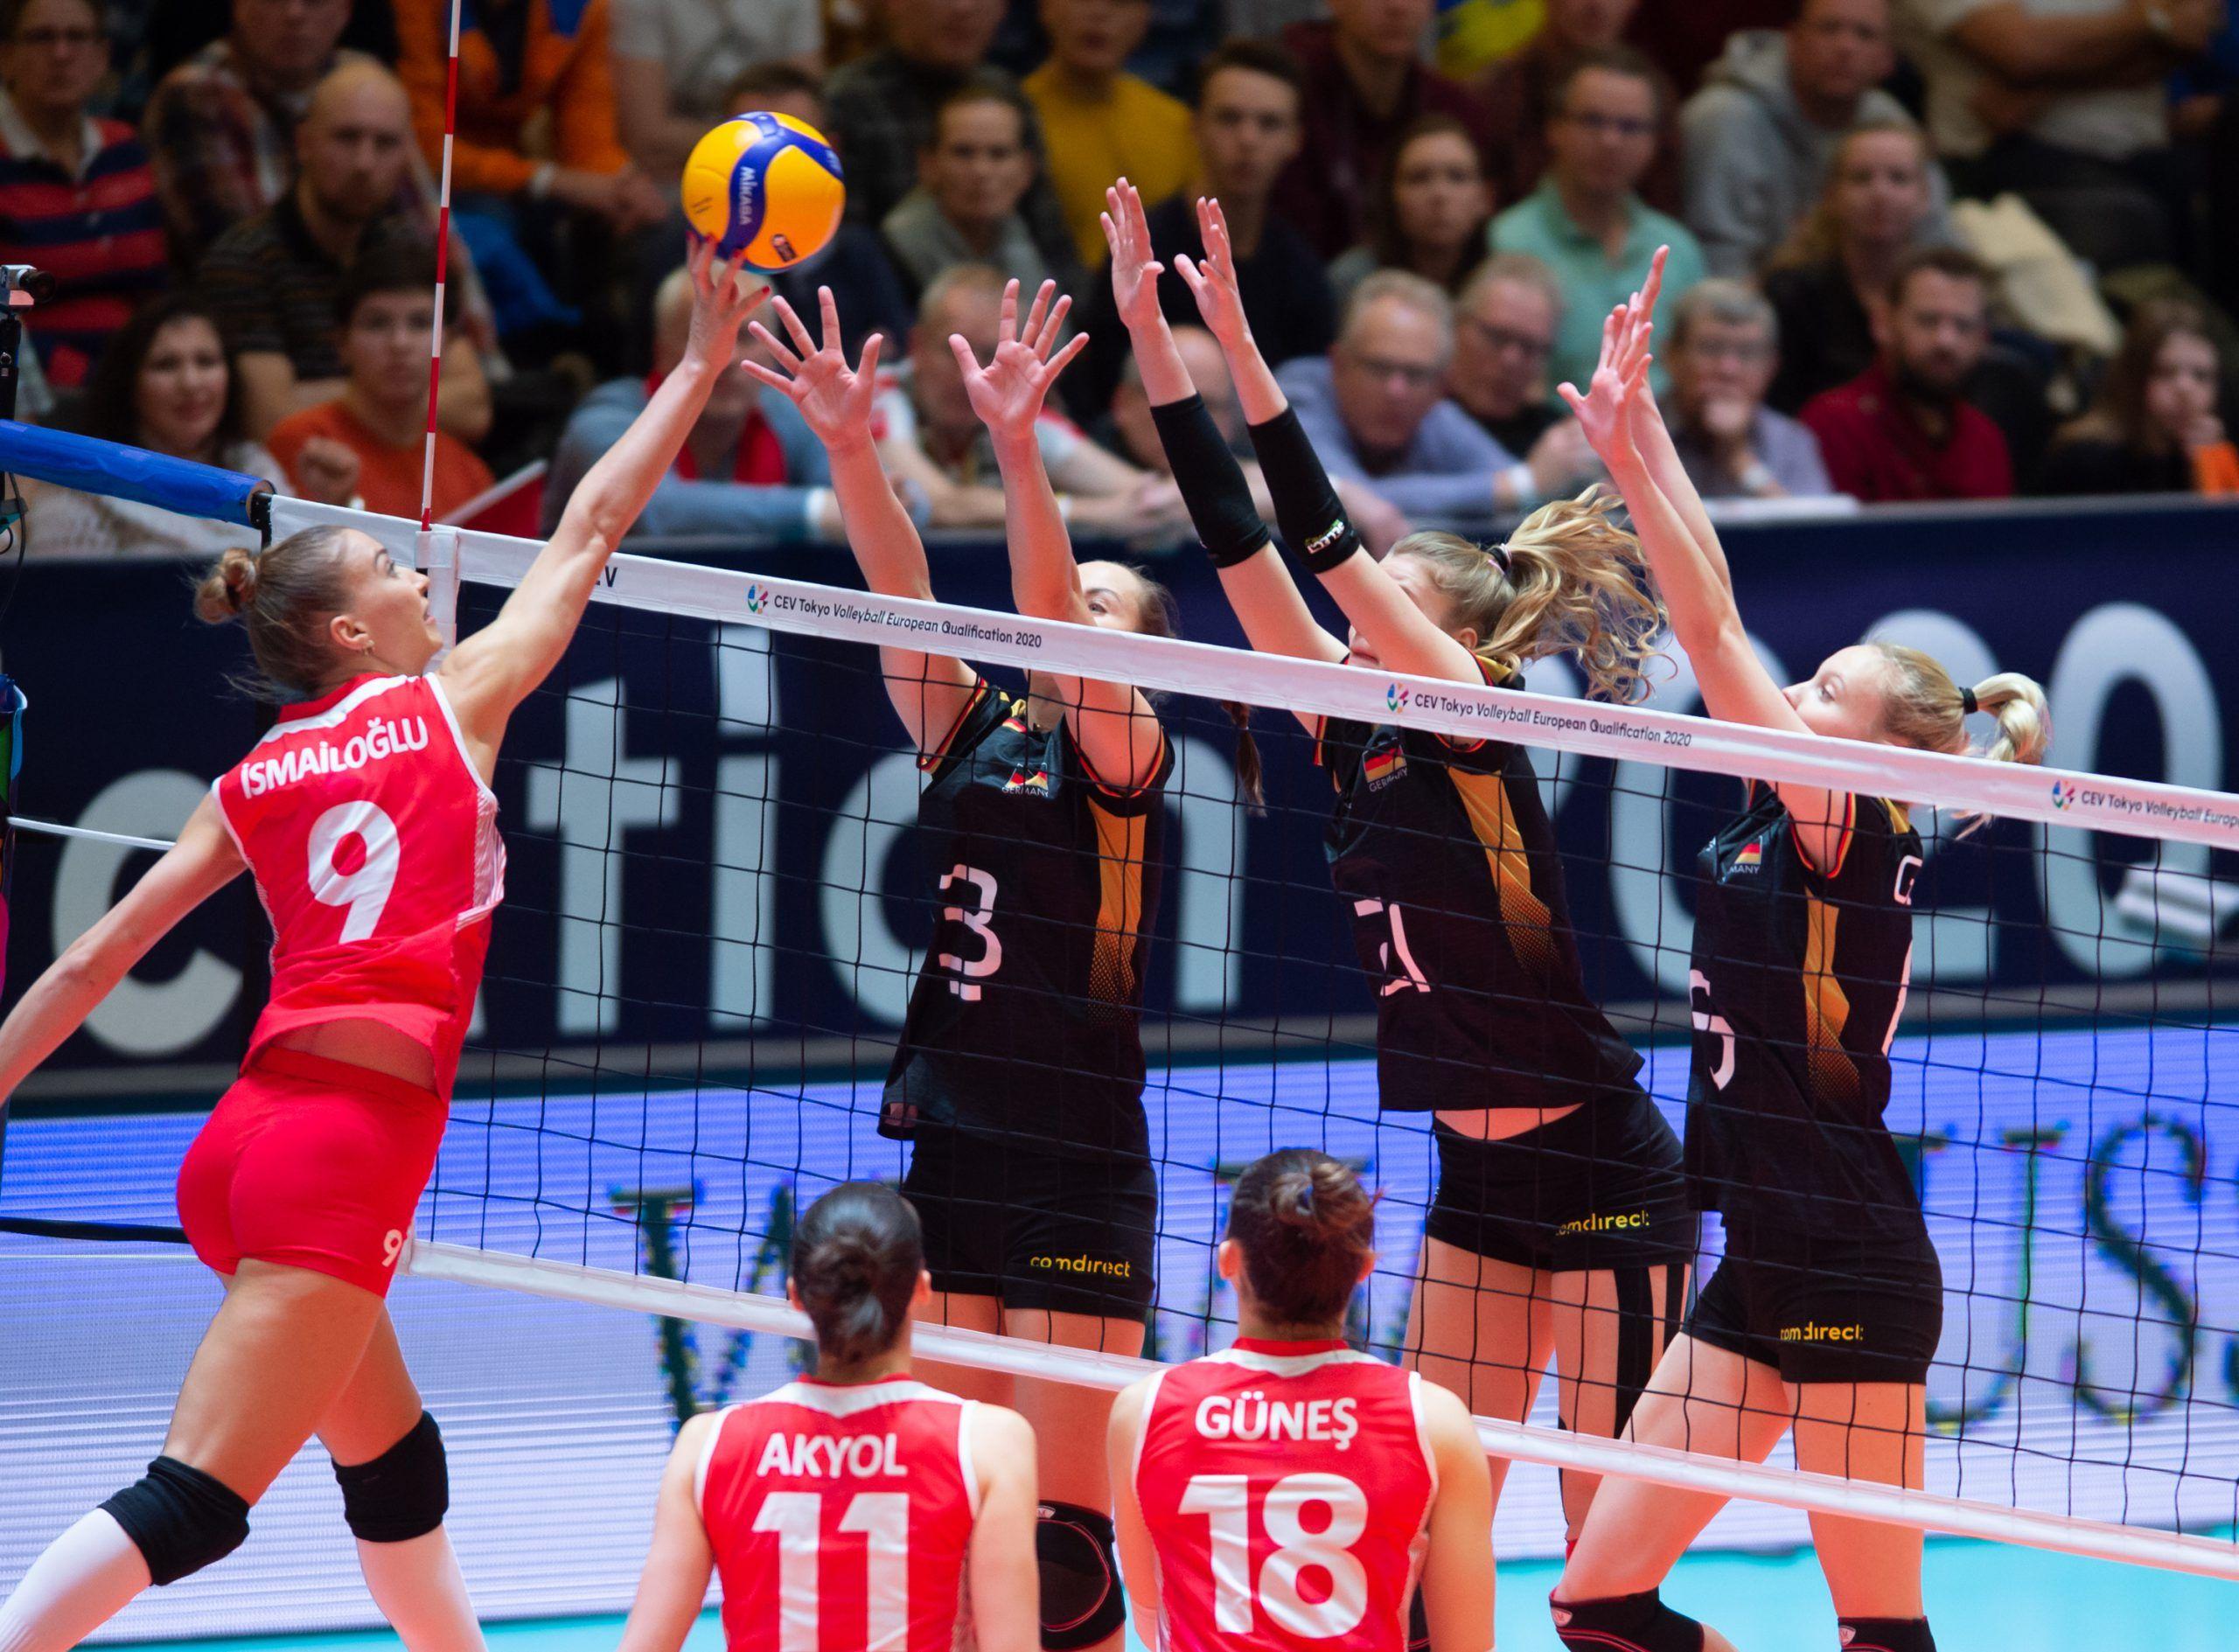 2020 Tokyo Olimpiyatları Türkiye gruptan nasıl çıkar